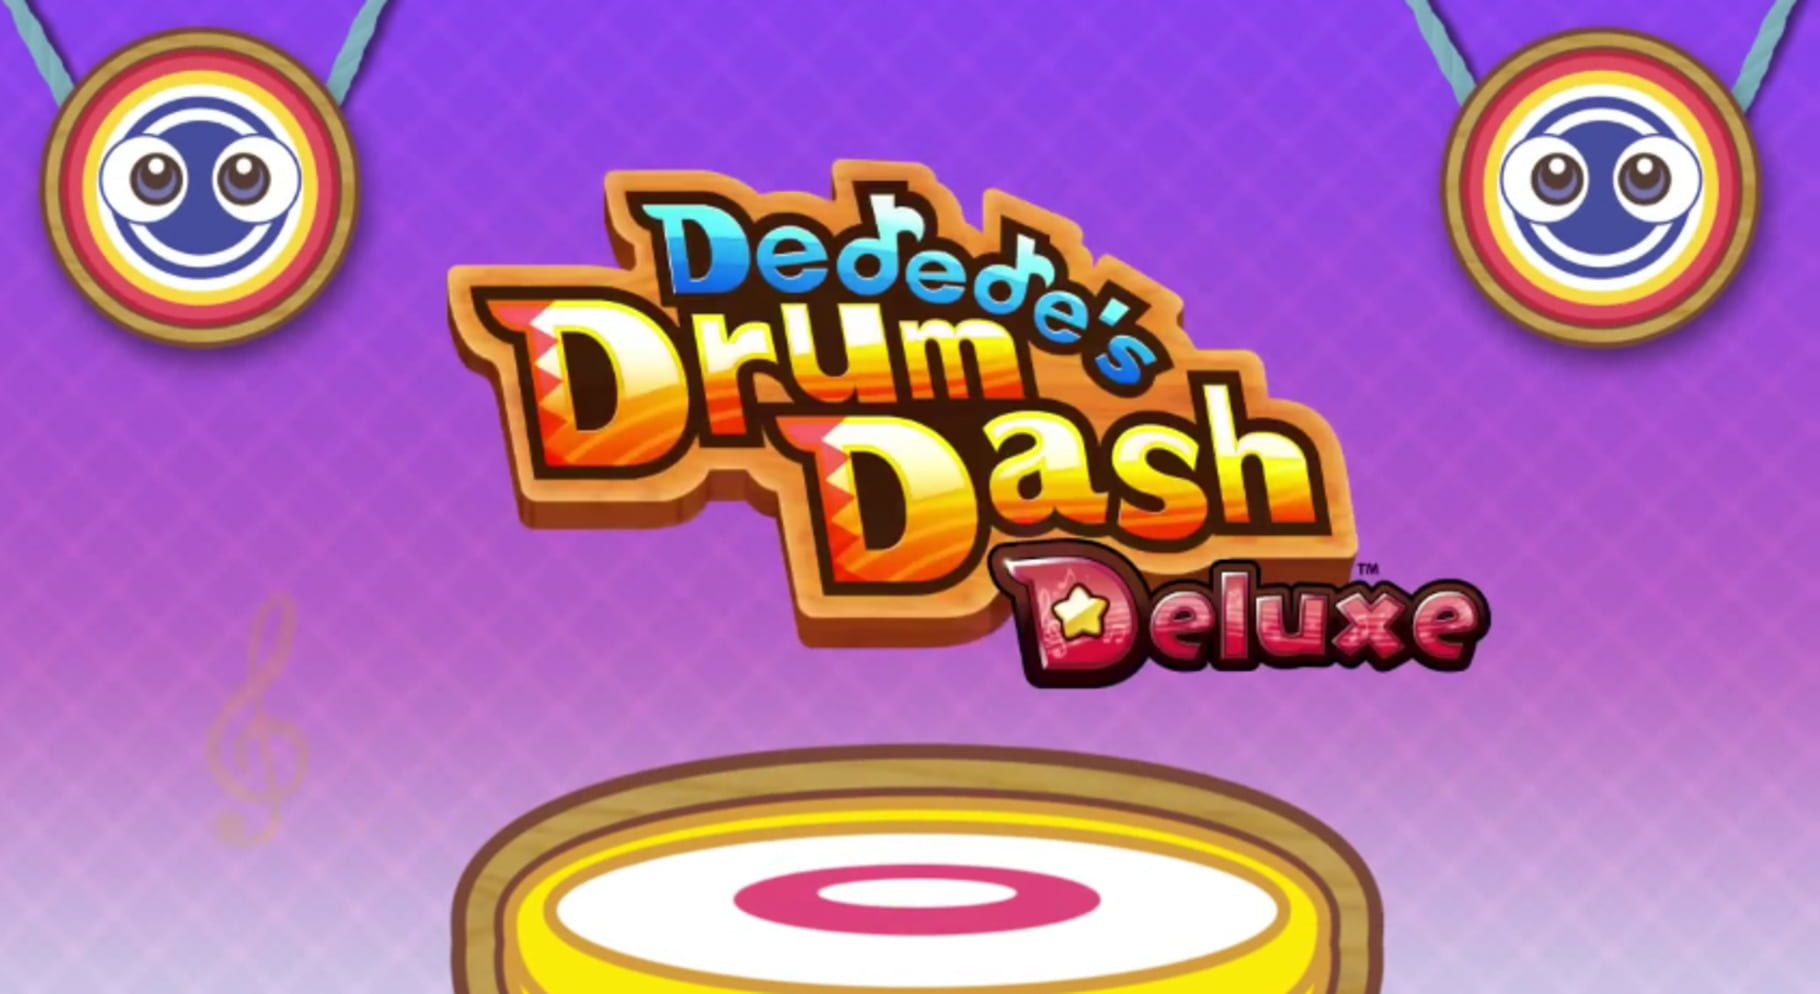 buy Dedede's Drum Dash Deluxe cd key for all platform